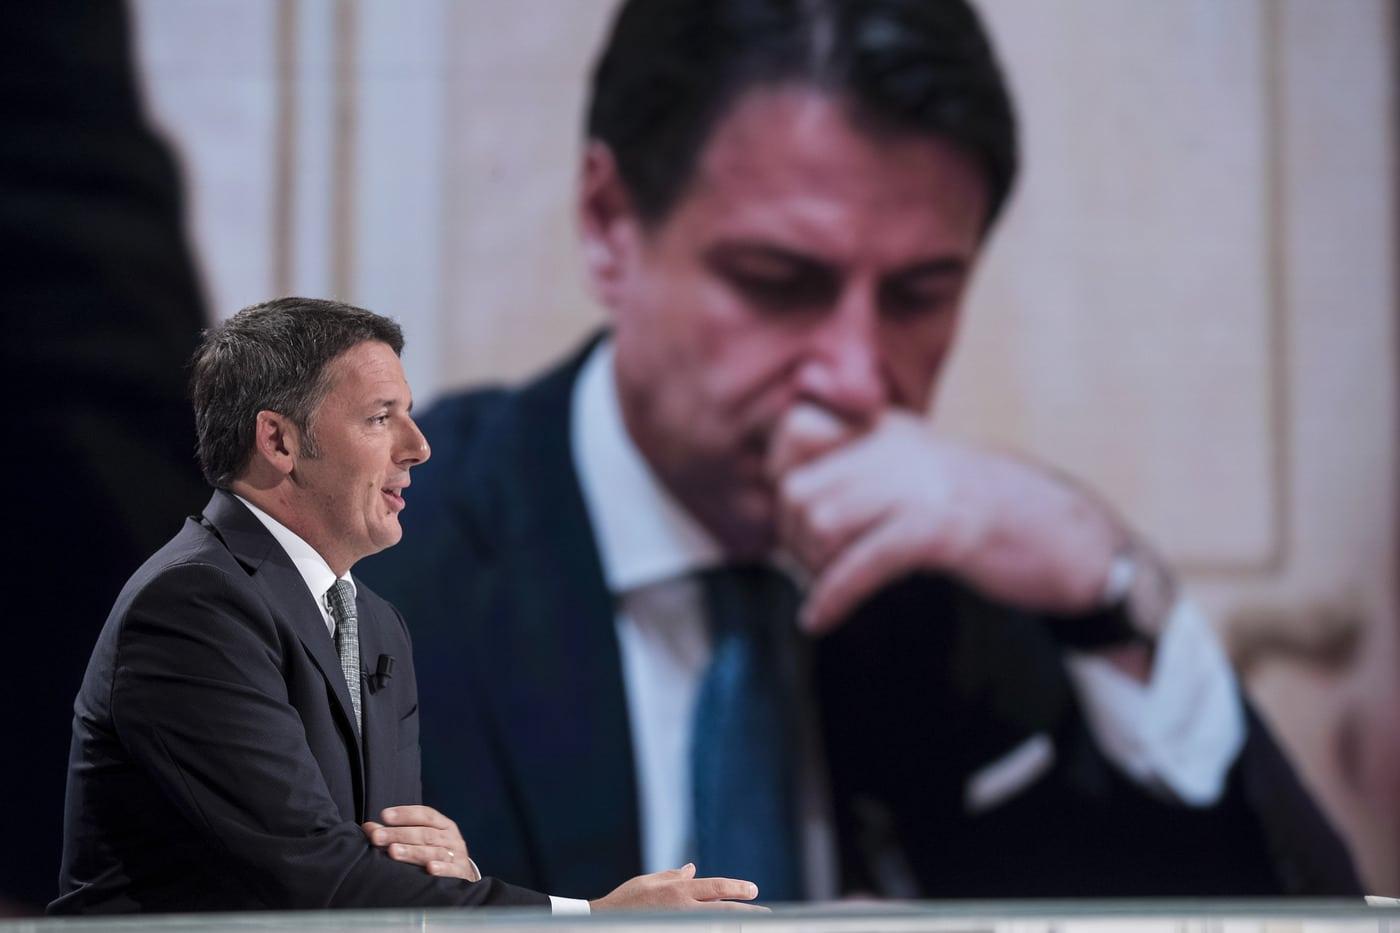 Crisi di governo, Berlusconi e Renzi kingmaker delle maggioranze